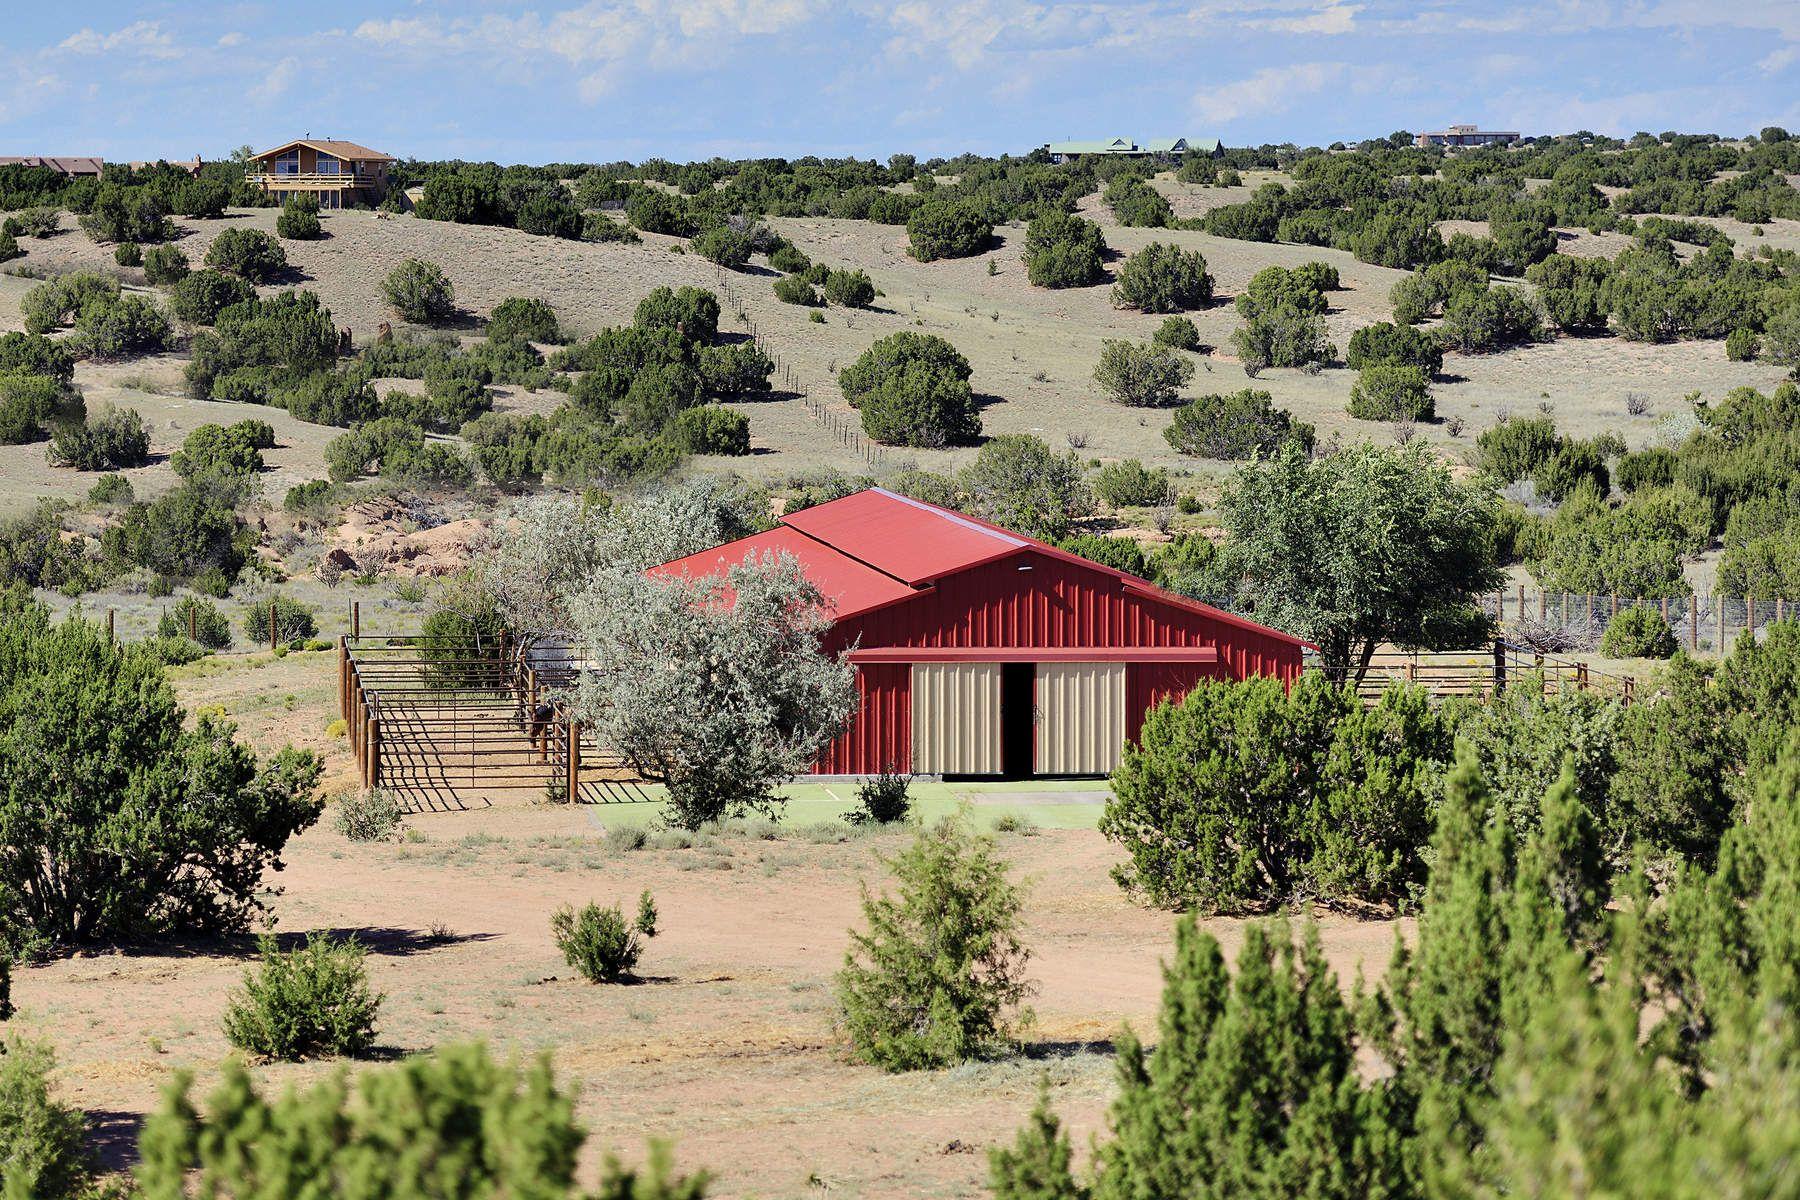 農場/牧場 / プランテーション のために 売買 アット 263 Camino Los Abuelos Santa Fe, ニューメキシコ, 87508 アメリカ合衆国